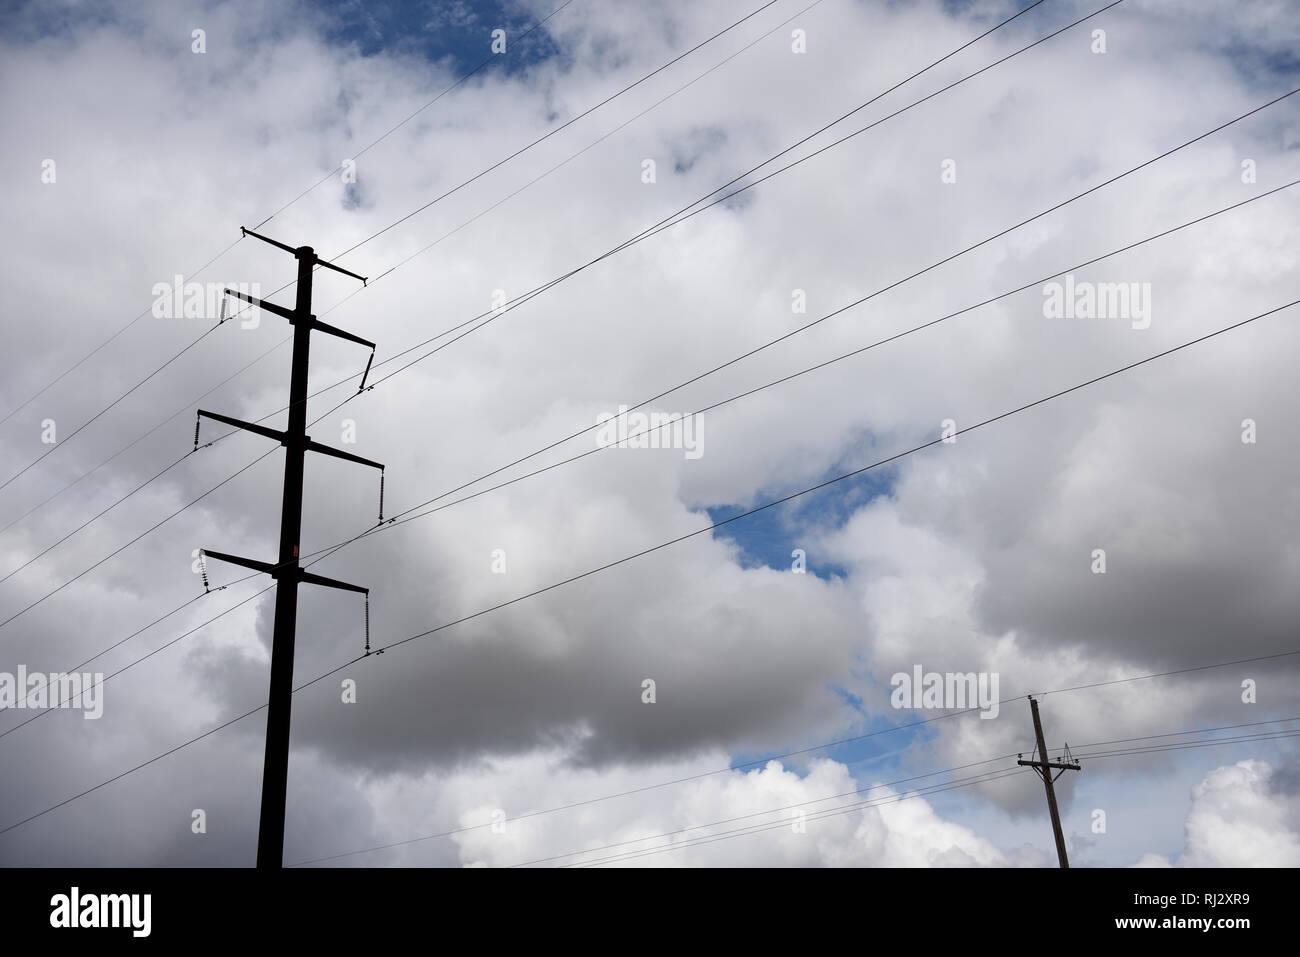 Hohe stahl Strommasten, Hochspannungsleitungen gegen einen stürmischen Himmel im Norden von Texas, USA. Stockbild